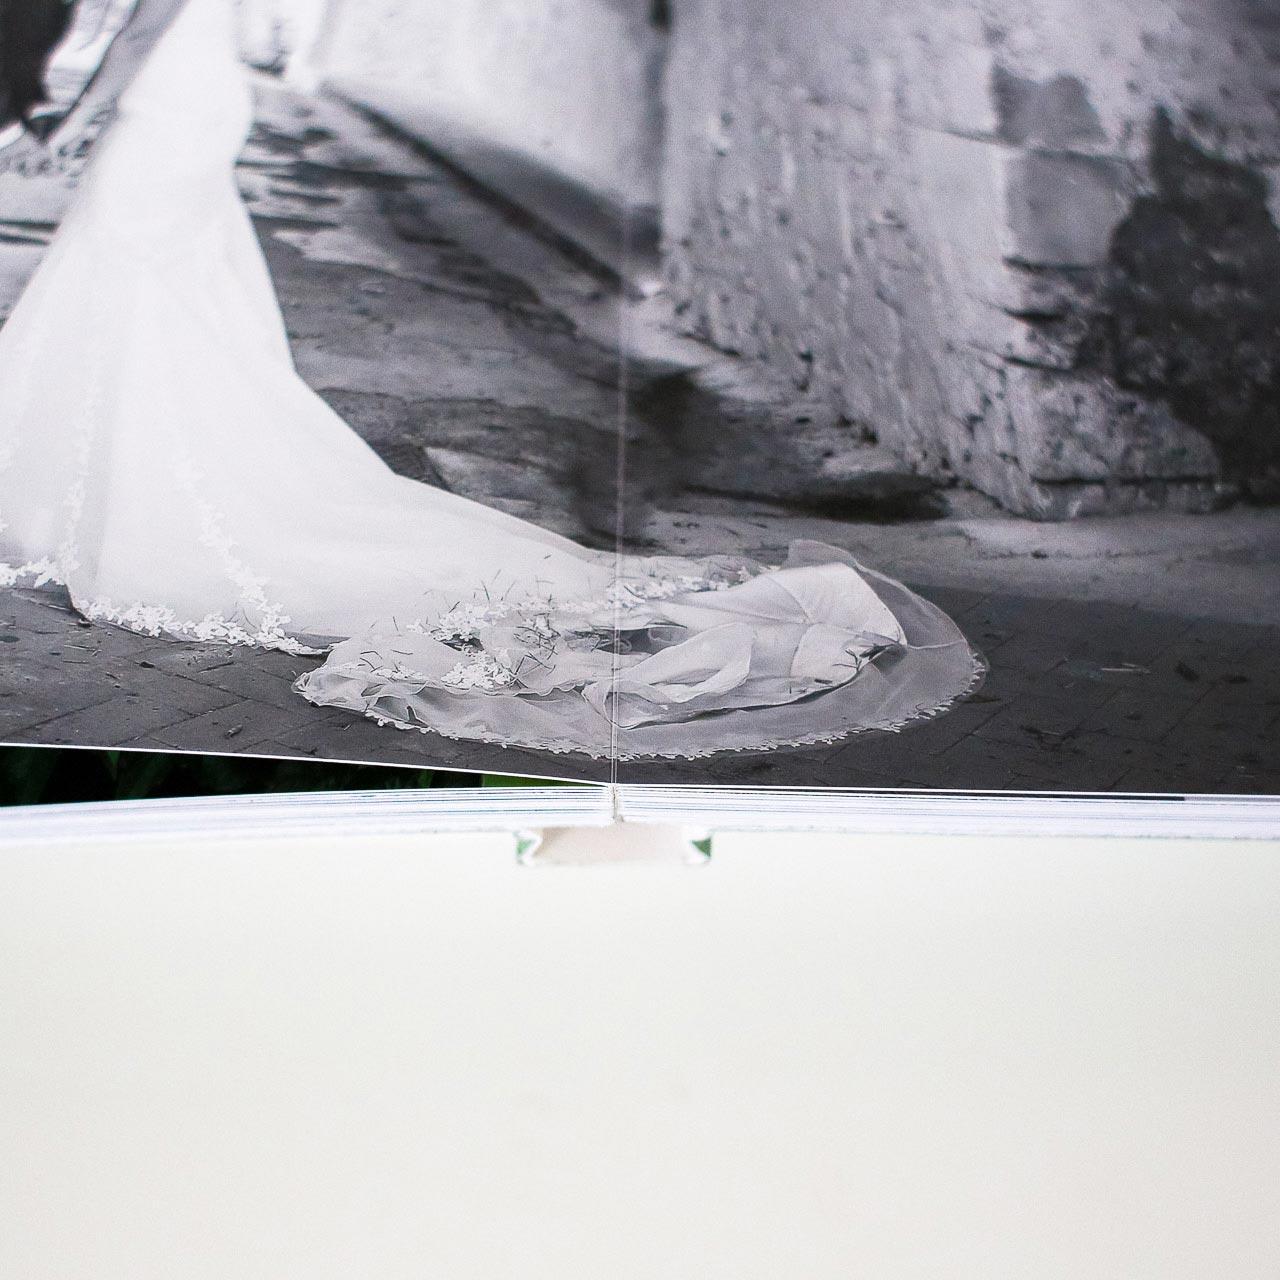 fotolibro, dettaglio piega e rilegatura